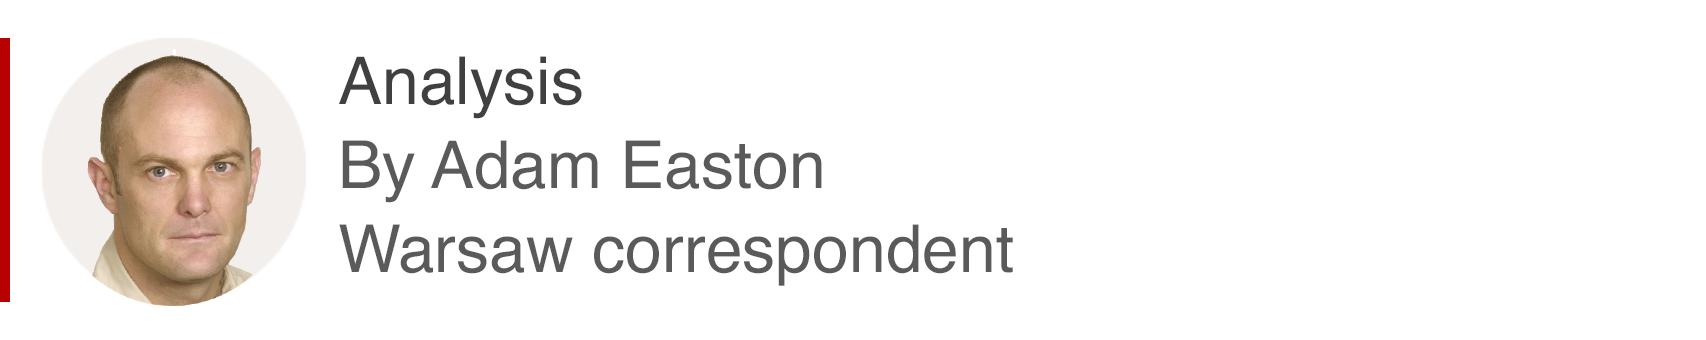 Adam Easton